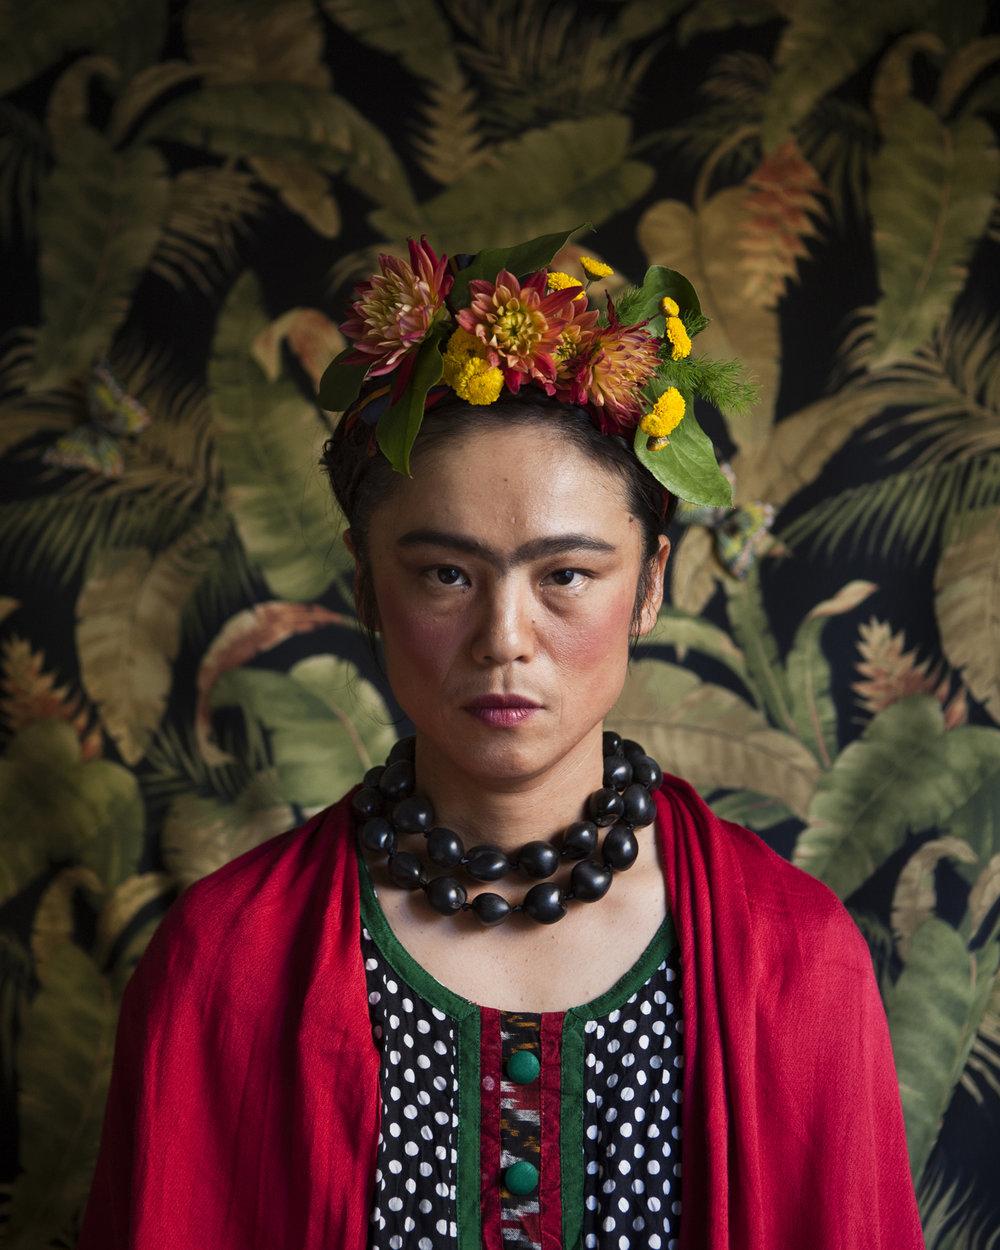 Atsuko Morita, Self as Frida Kahlo